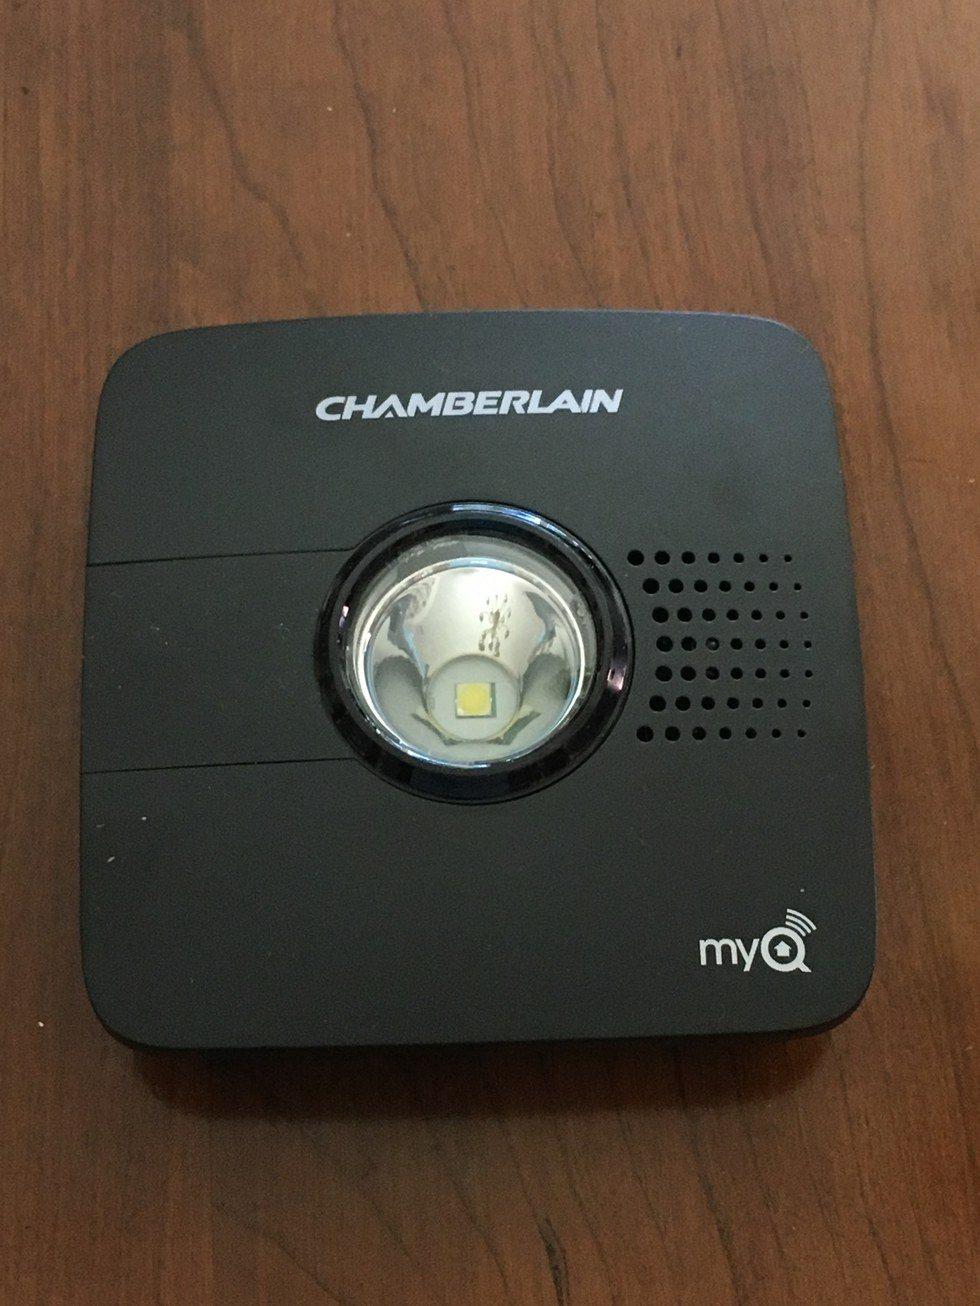 Chamberlain myq smart garage door opener review chamberlain myq garage wi fi hub rubansaba